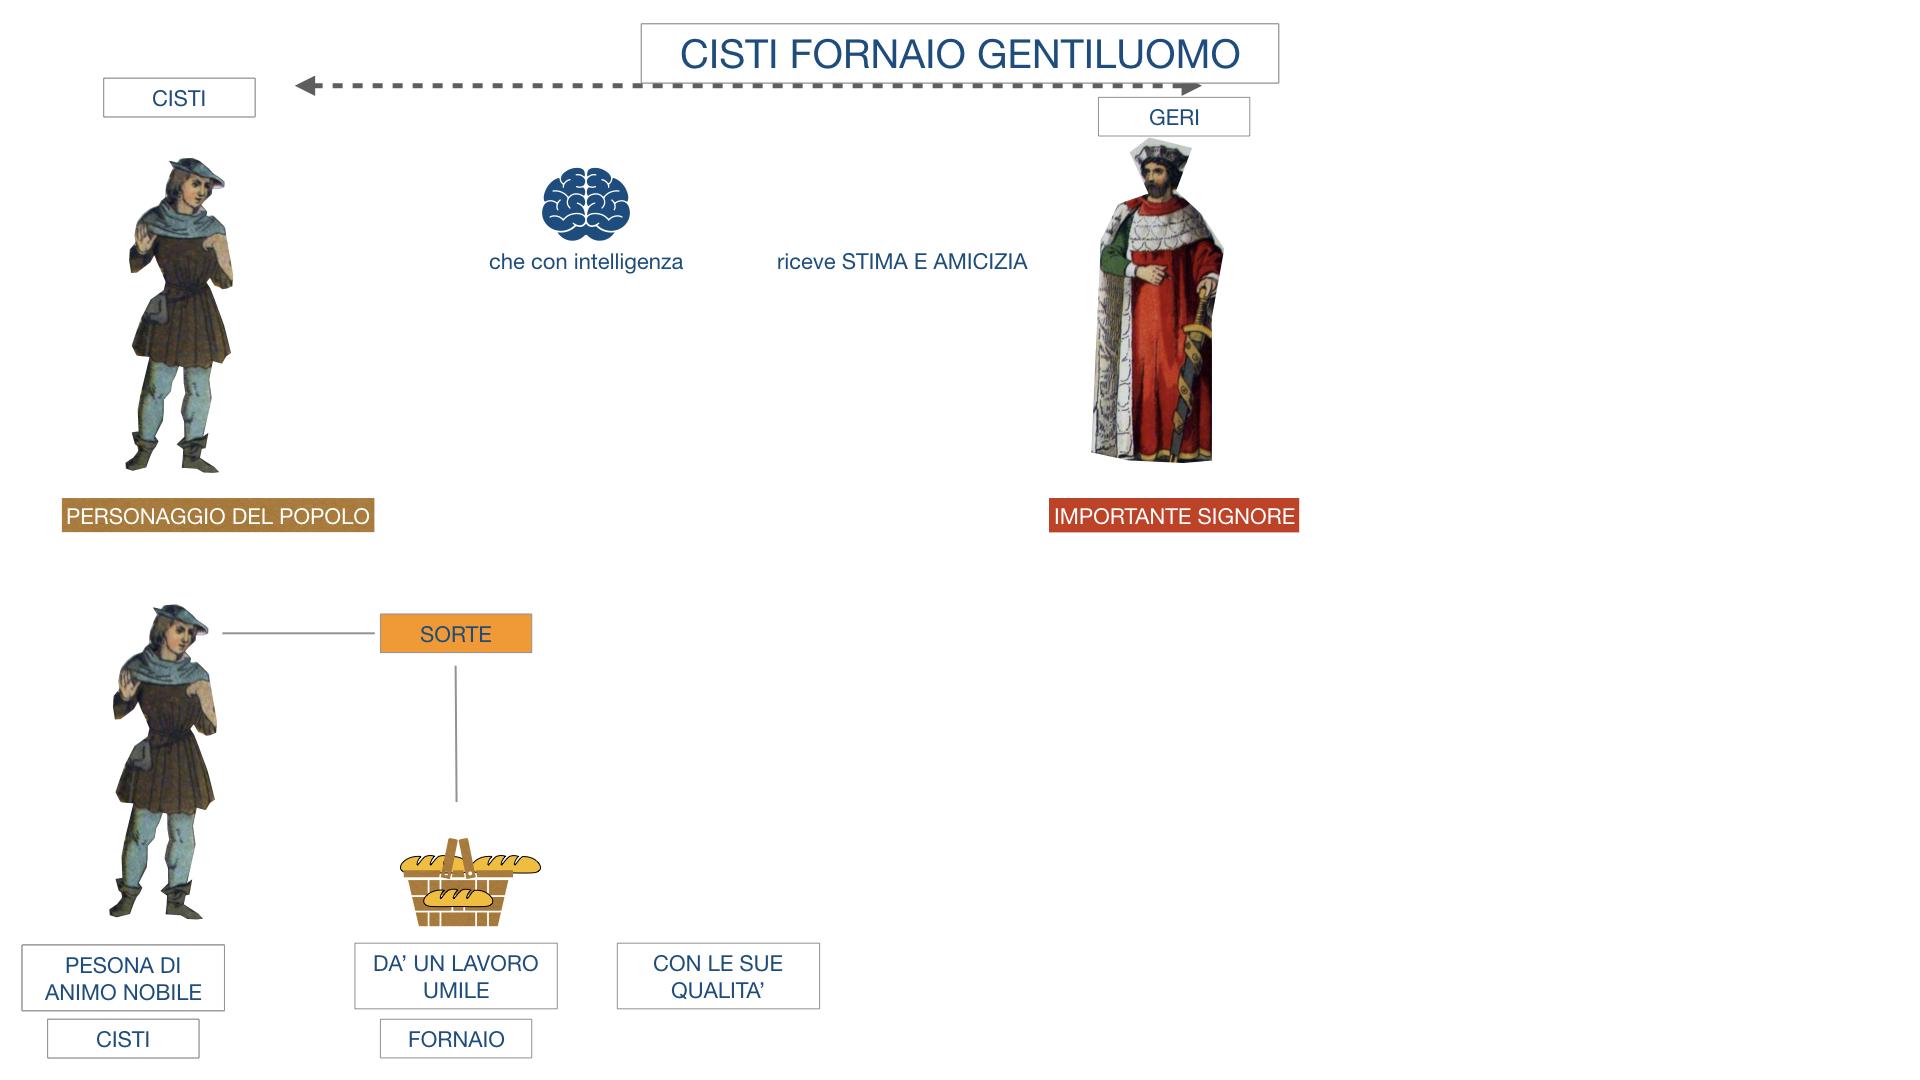 CISTI IL FORNAIO_SIMULAZIONE .010